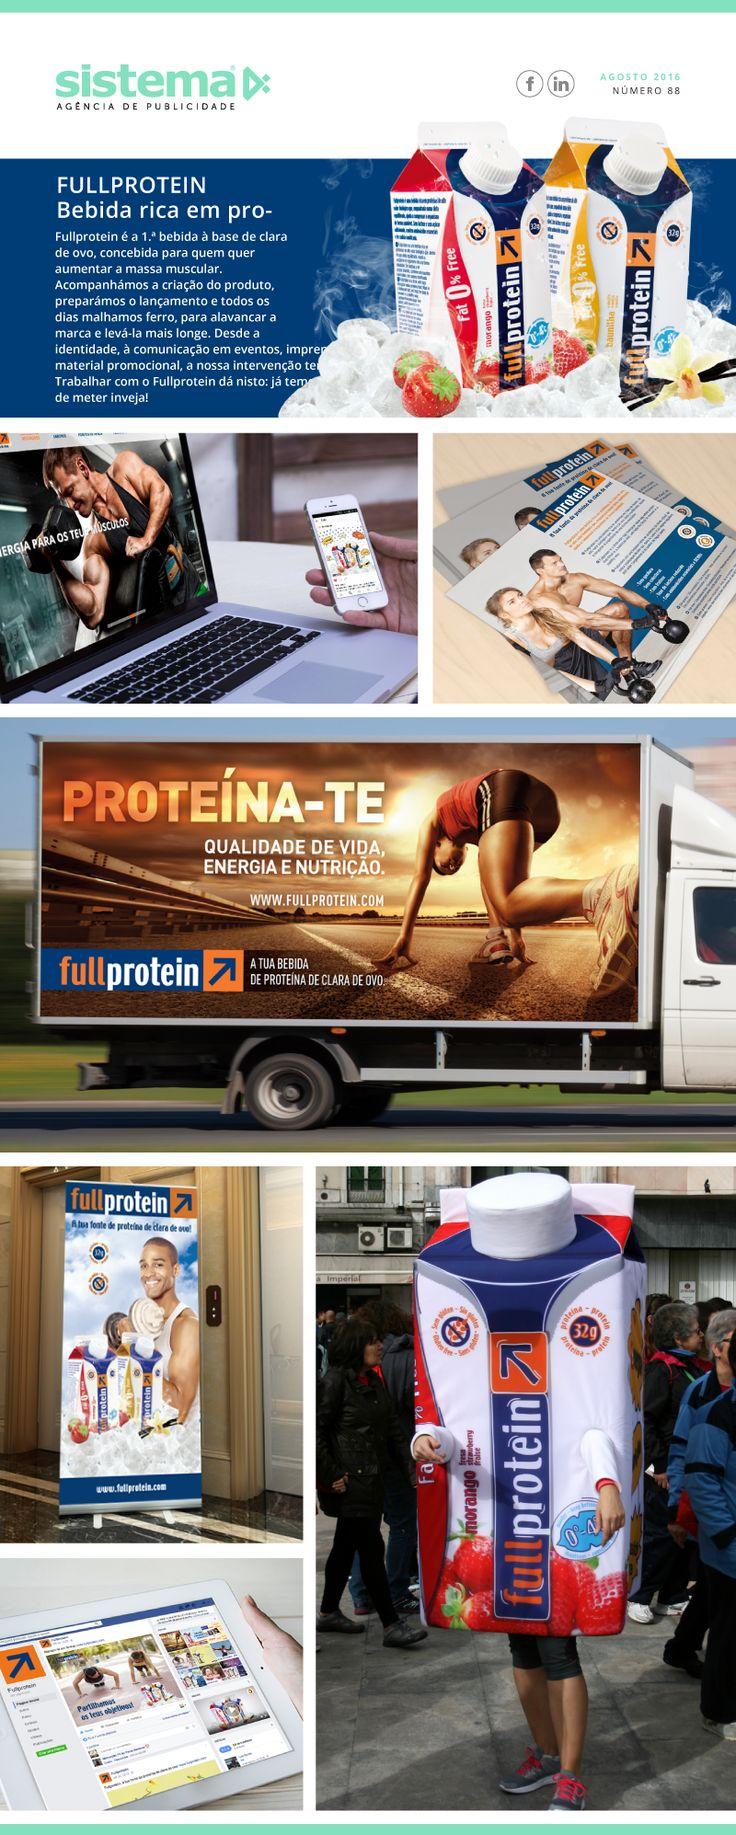 Agosto 2016 - Fullprotein - www.sistema4.pt - sistema4 - Agência de Publicidade